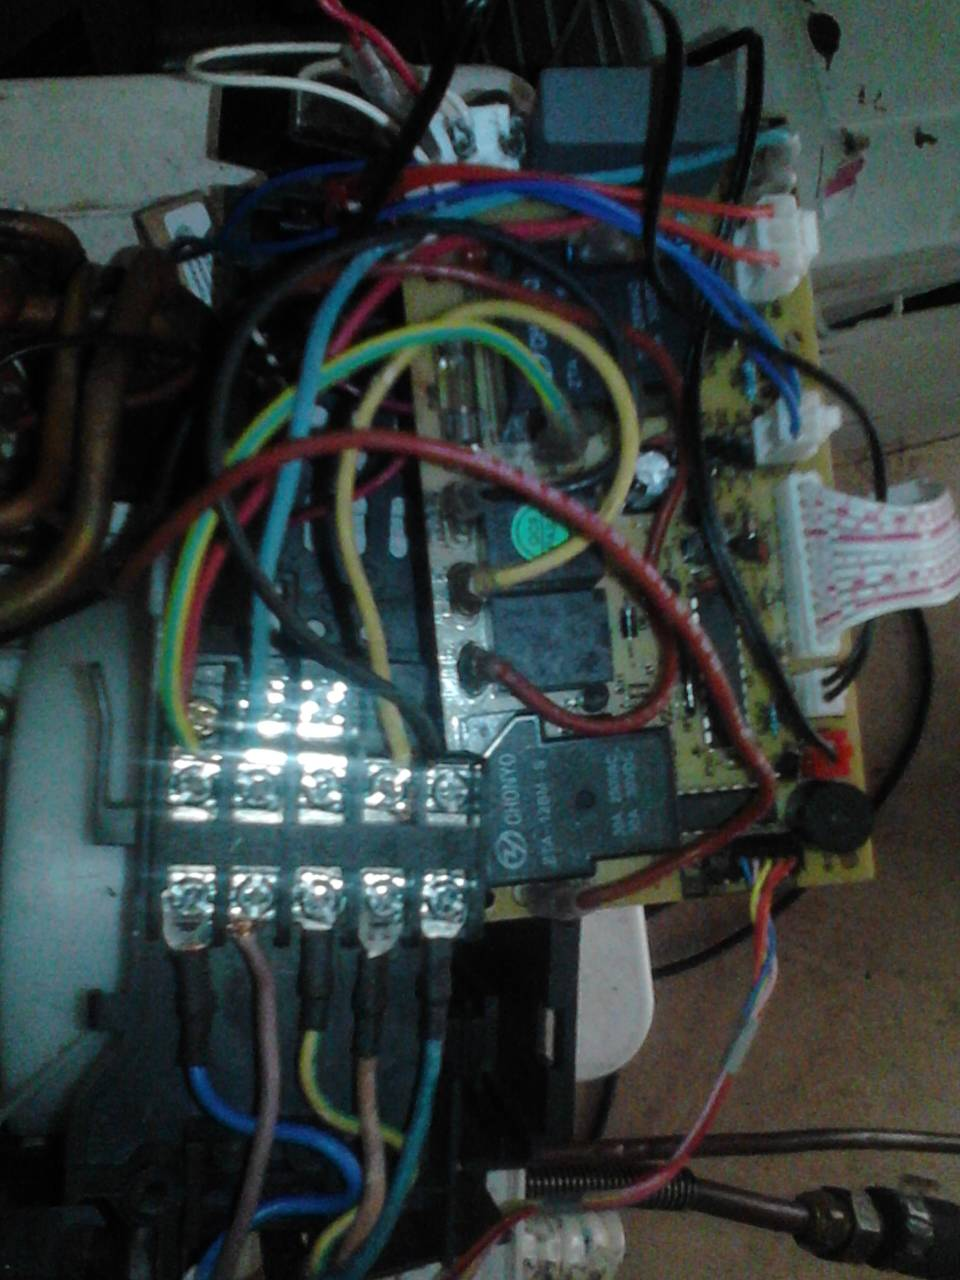 空调内机主板坏了,换了快外机不动了,检查下外机接线柱上没电,请各位